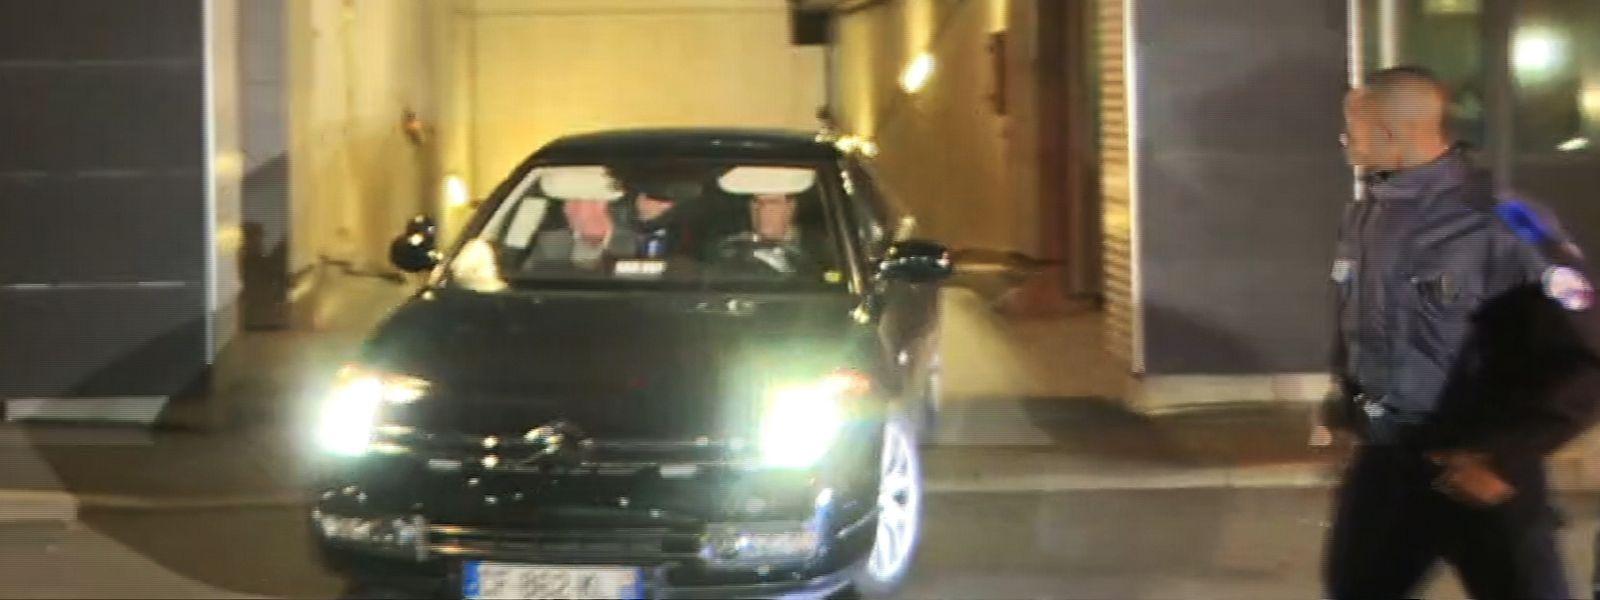 Sarkozy an Bord seiner Limousine beim Verlassen des Polizeigebäudes in Nanterre.